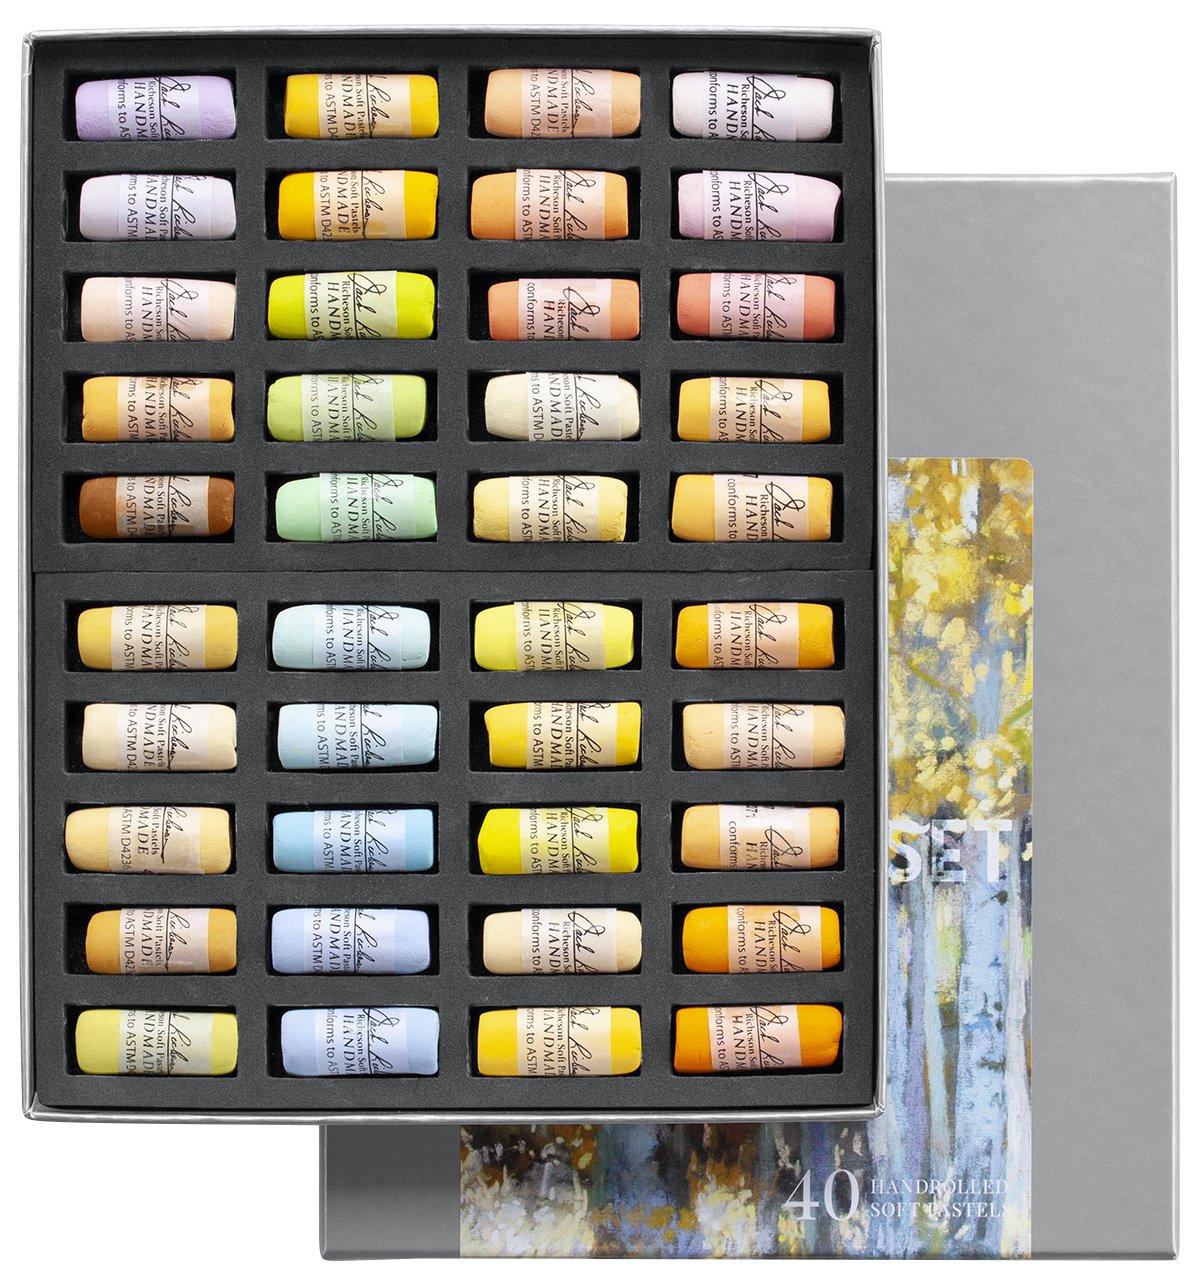 Christine Debrosky CD002 Sunlight Set of 40 Pastels